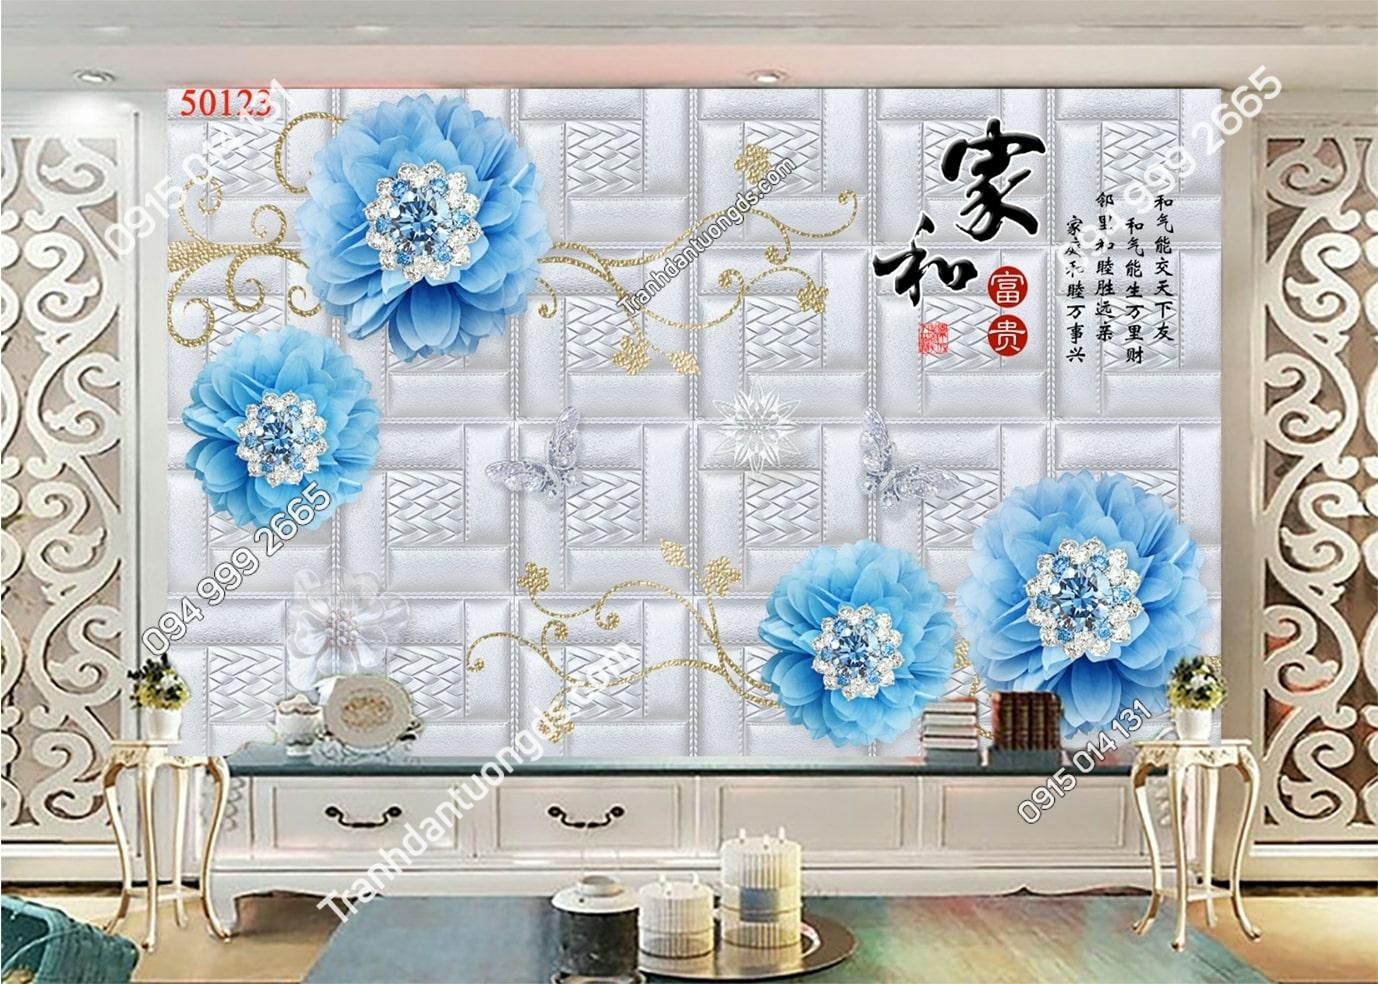 Tranh dán tường hoa 3d màu xanh dương 50123